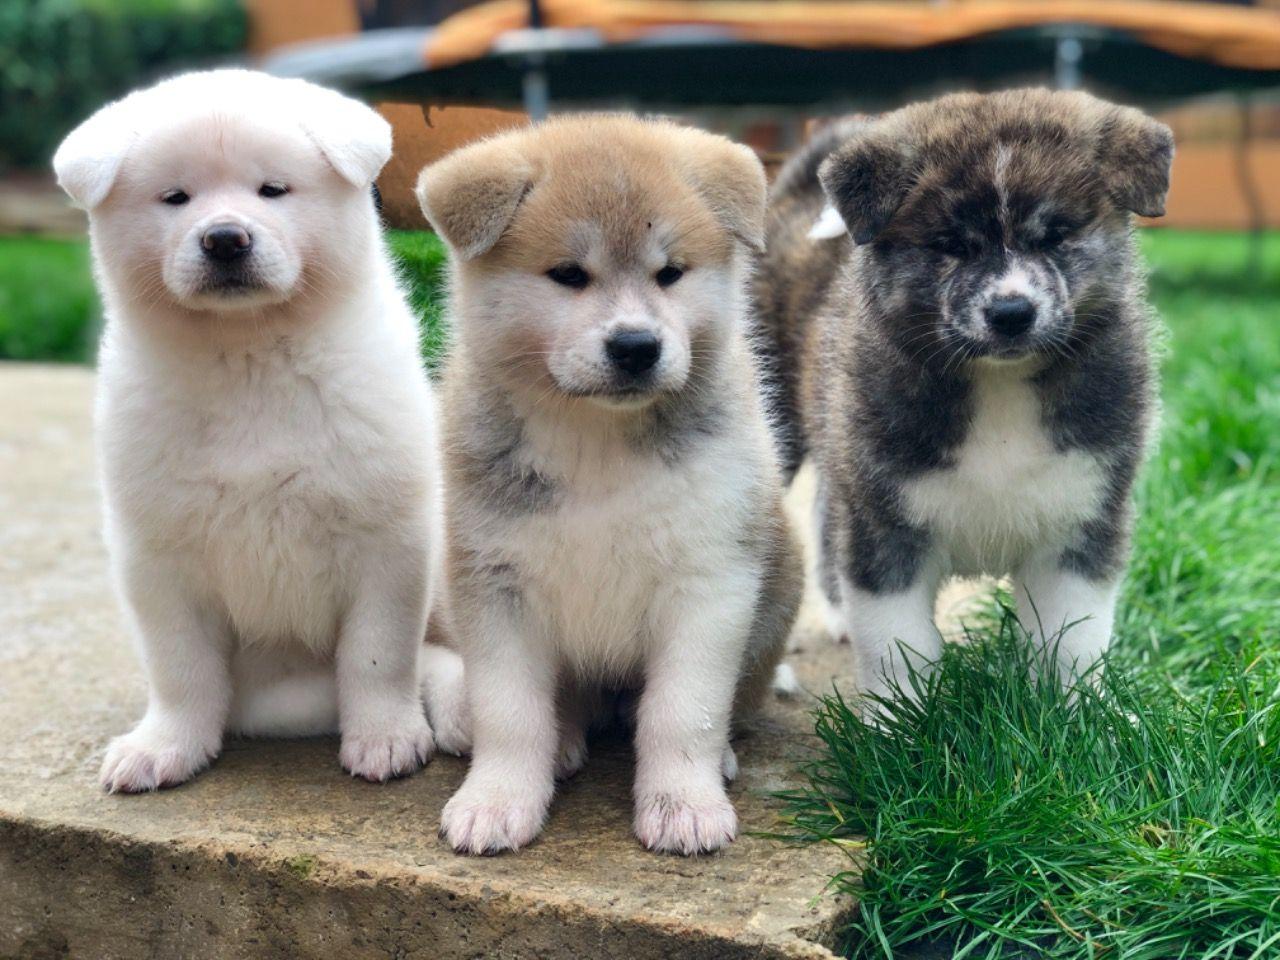 JapaneseAkitaInu-puppies-5da43b1993177.jpg